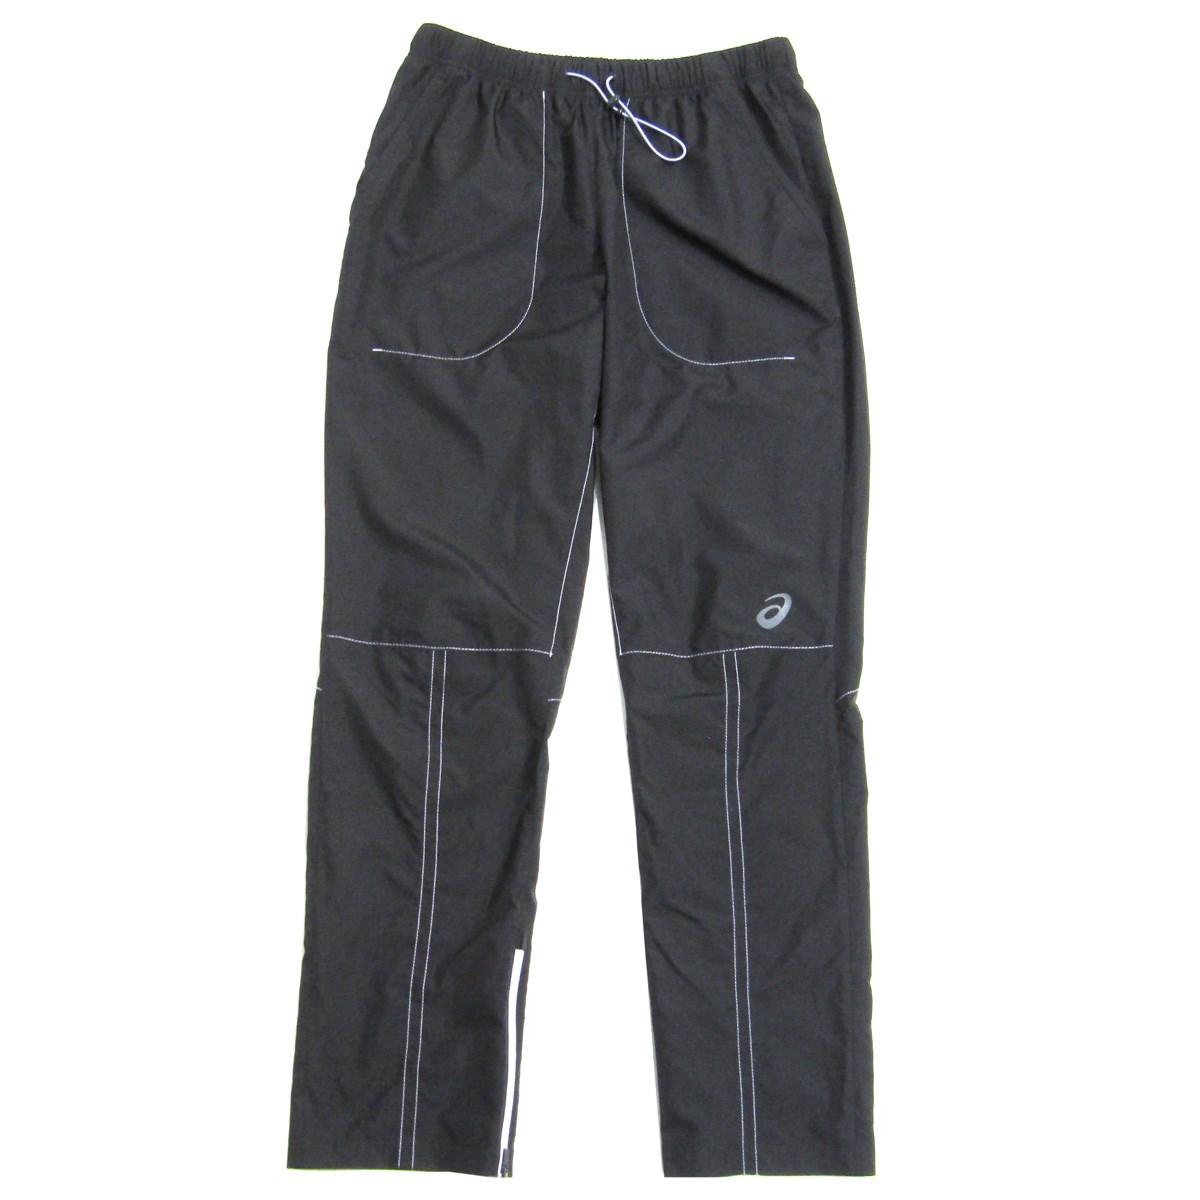 メンズファッション, ズボン・パンツ Kiko Kostadinovasics2019SS KIKO WOVEN PANT M 1027